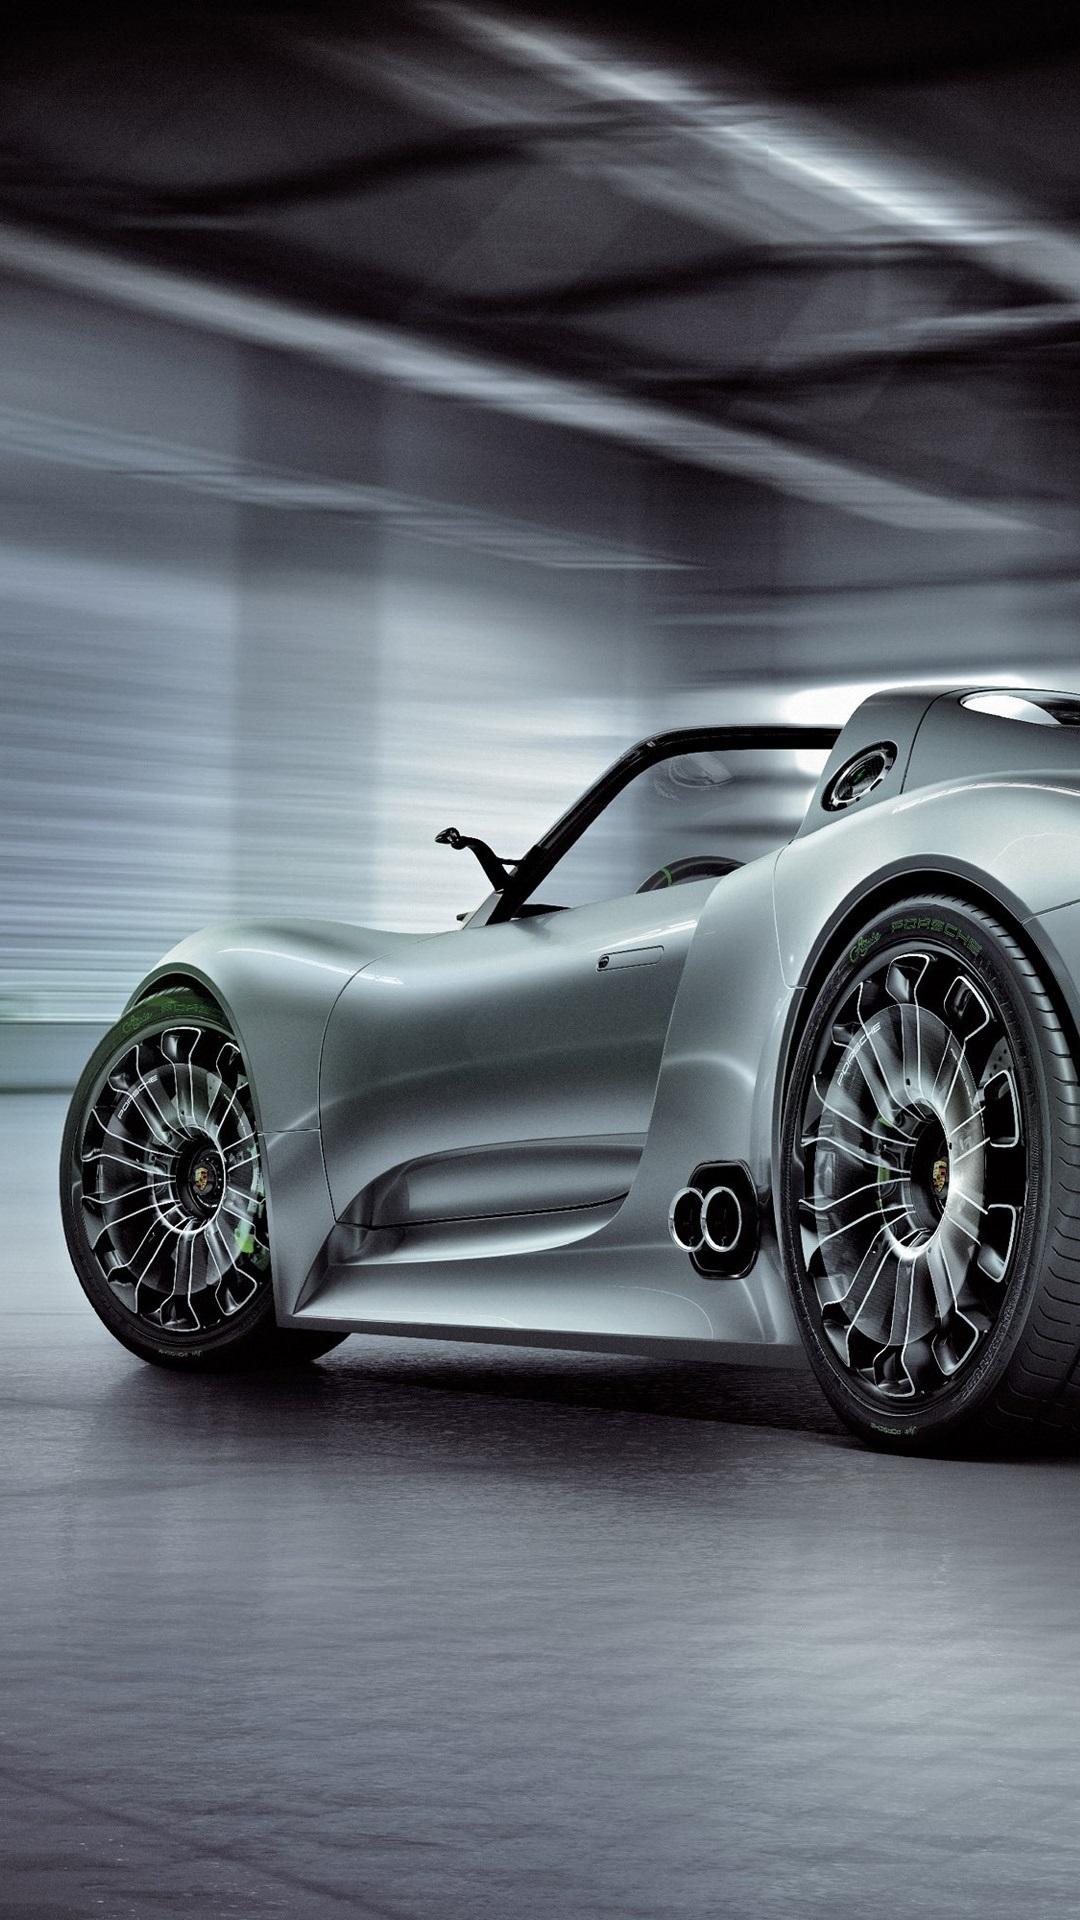 Porsche 918 Spyder Concept Supercar Back View 1080x1920